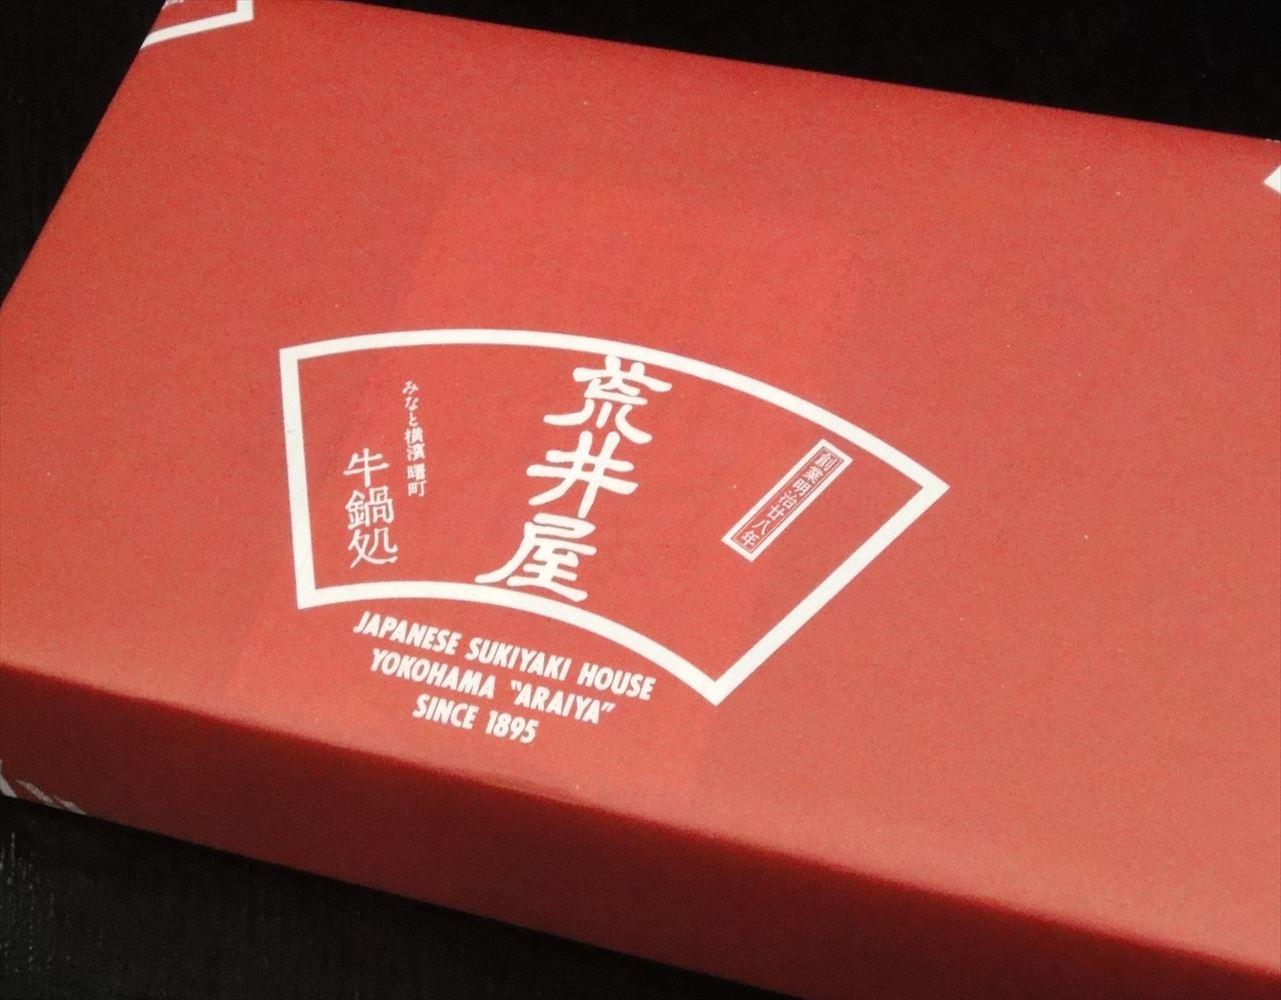 【贈答用】ハンバーグ・ステーキ<化粧箱入>10ヶ